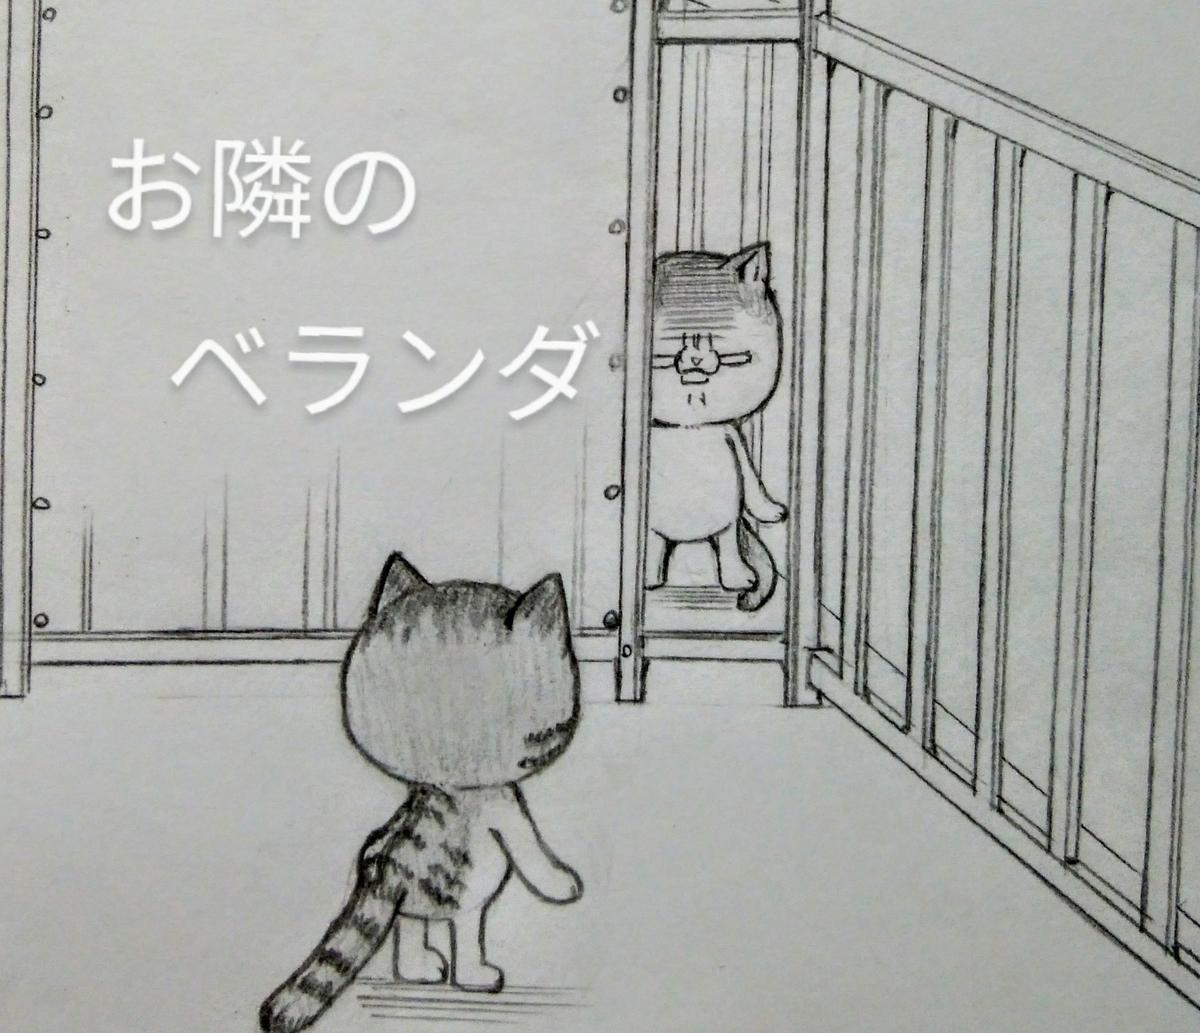 f:id:maricats:20200724212709j:plain